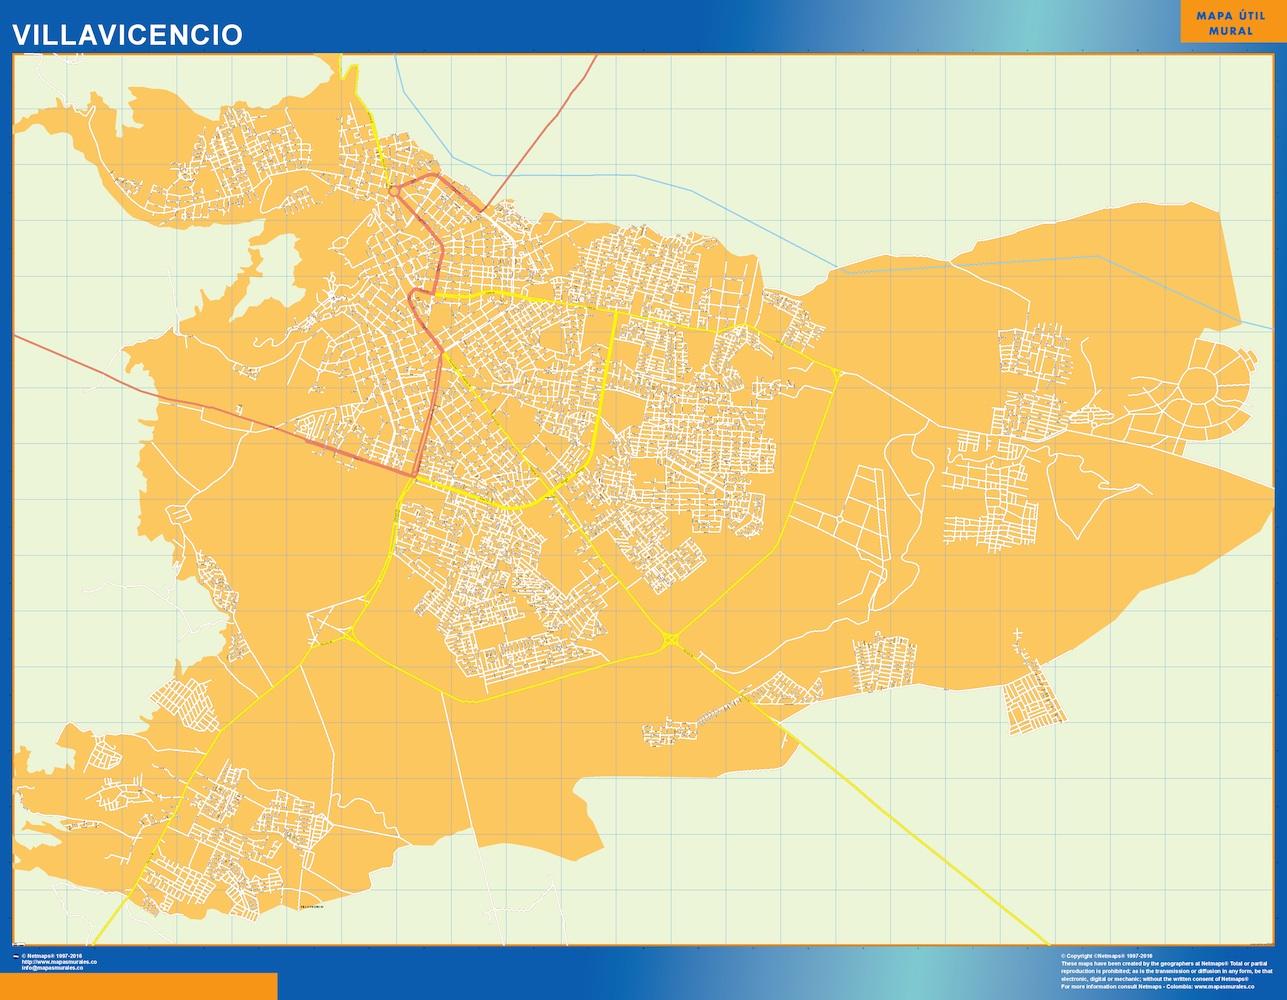 Mapa Villavicencio